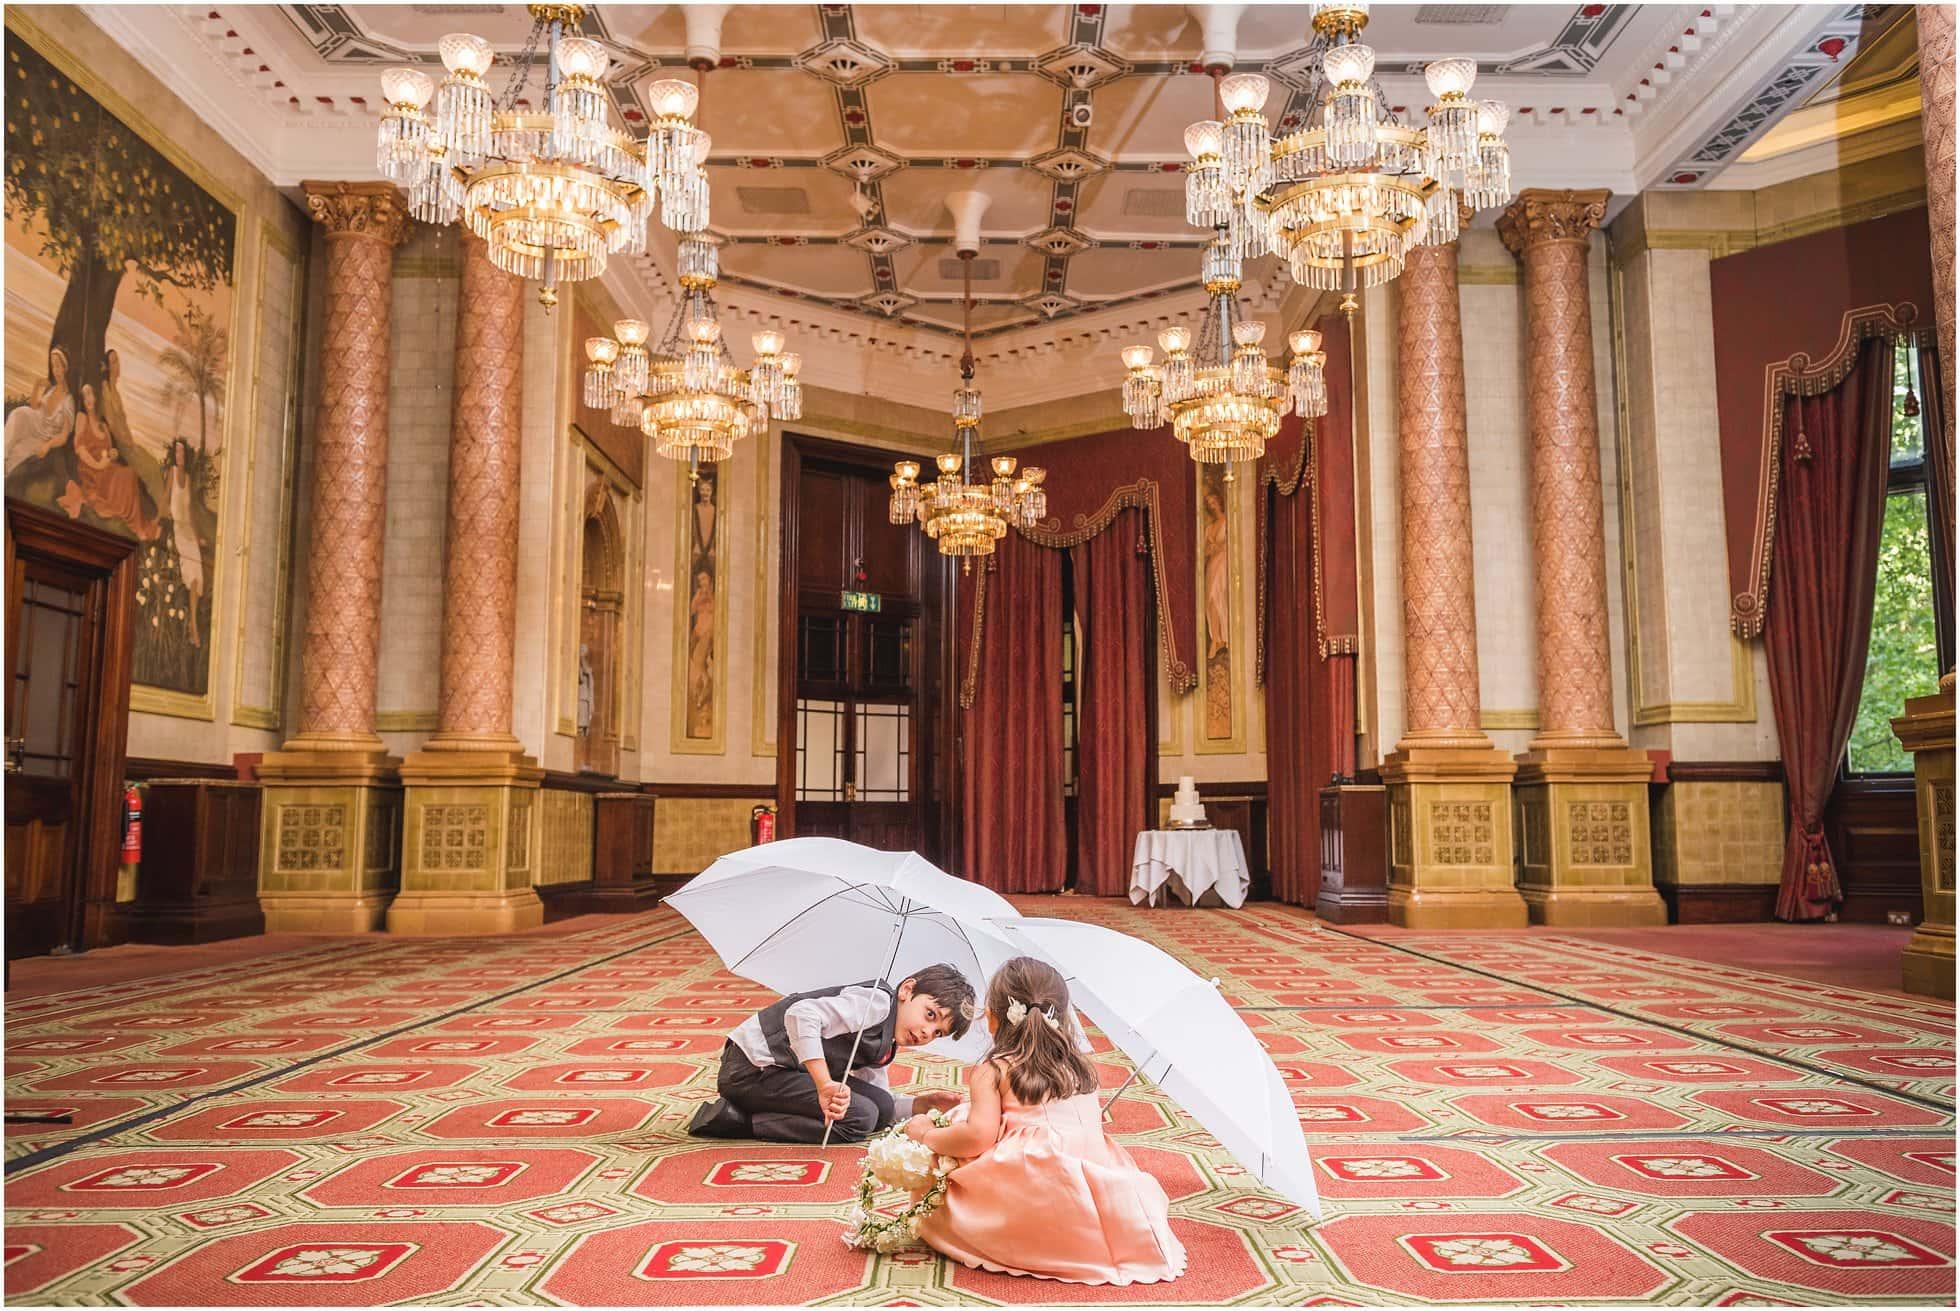 We don't want a big room, we want a den!